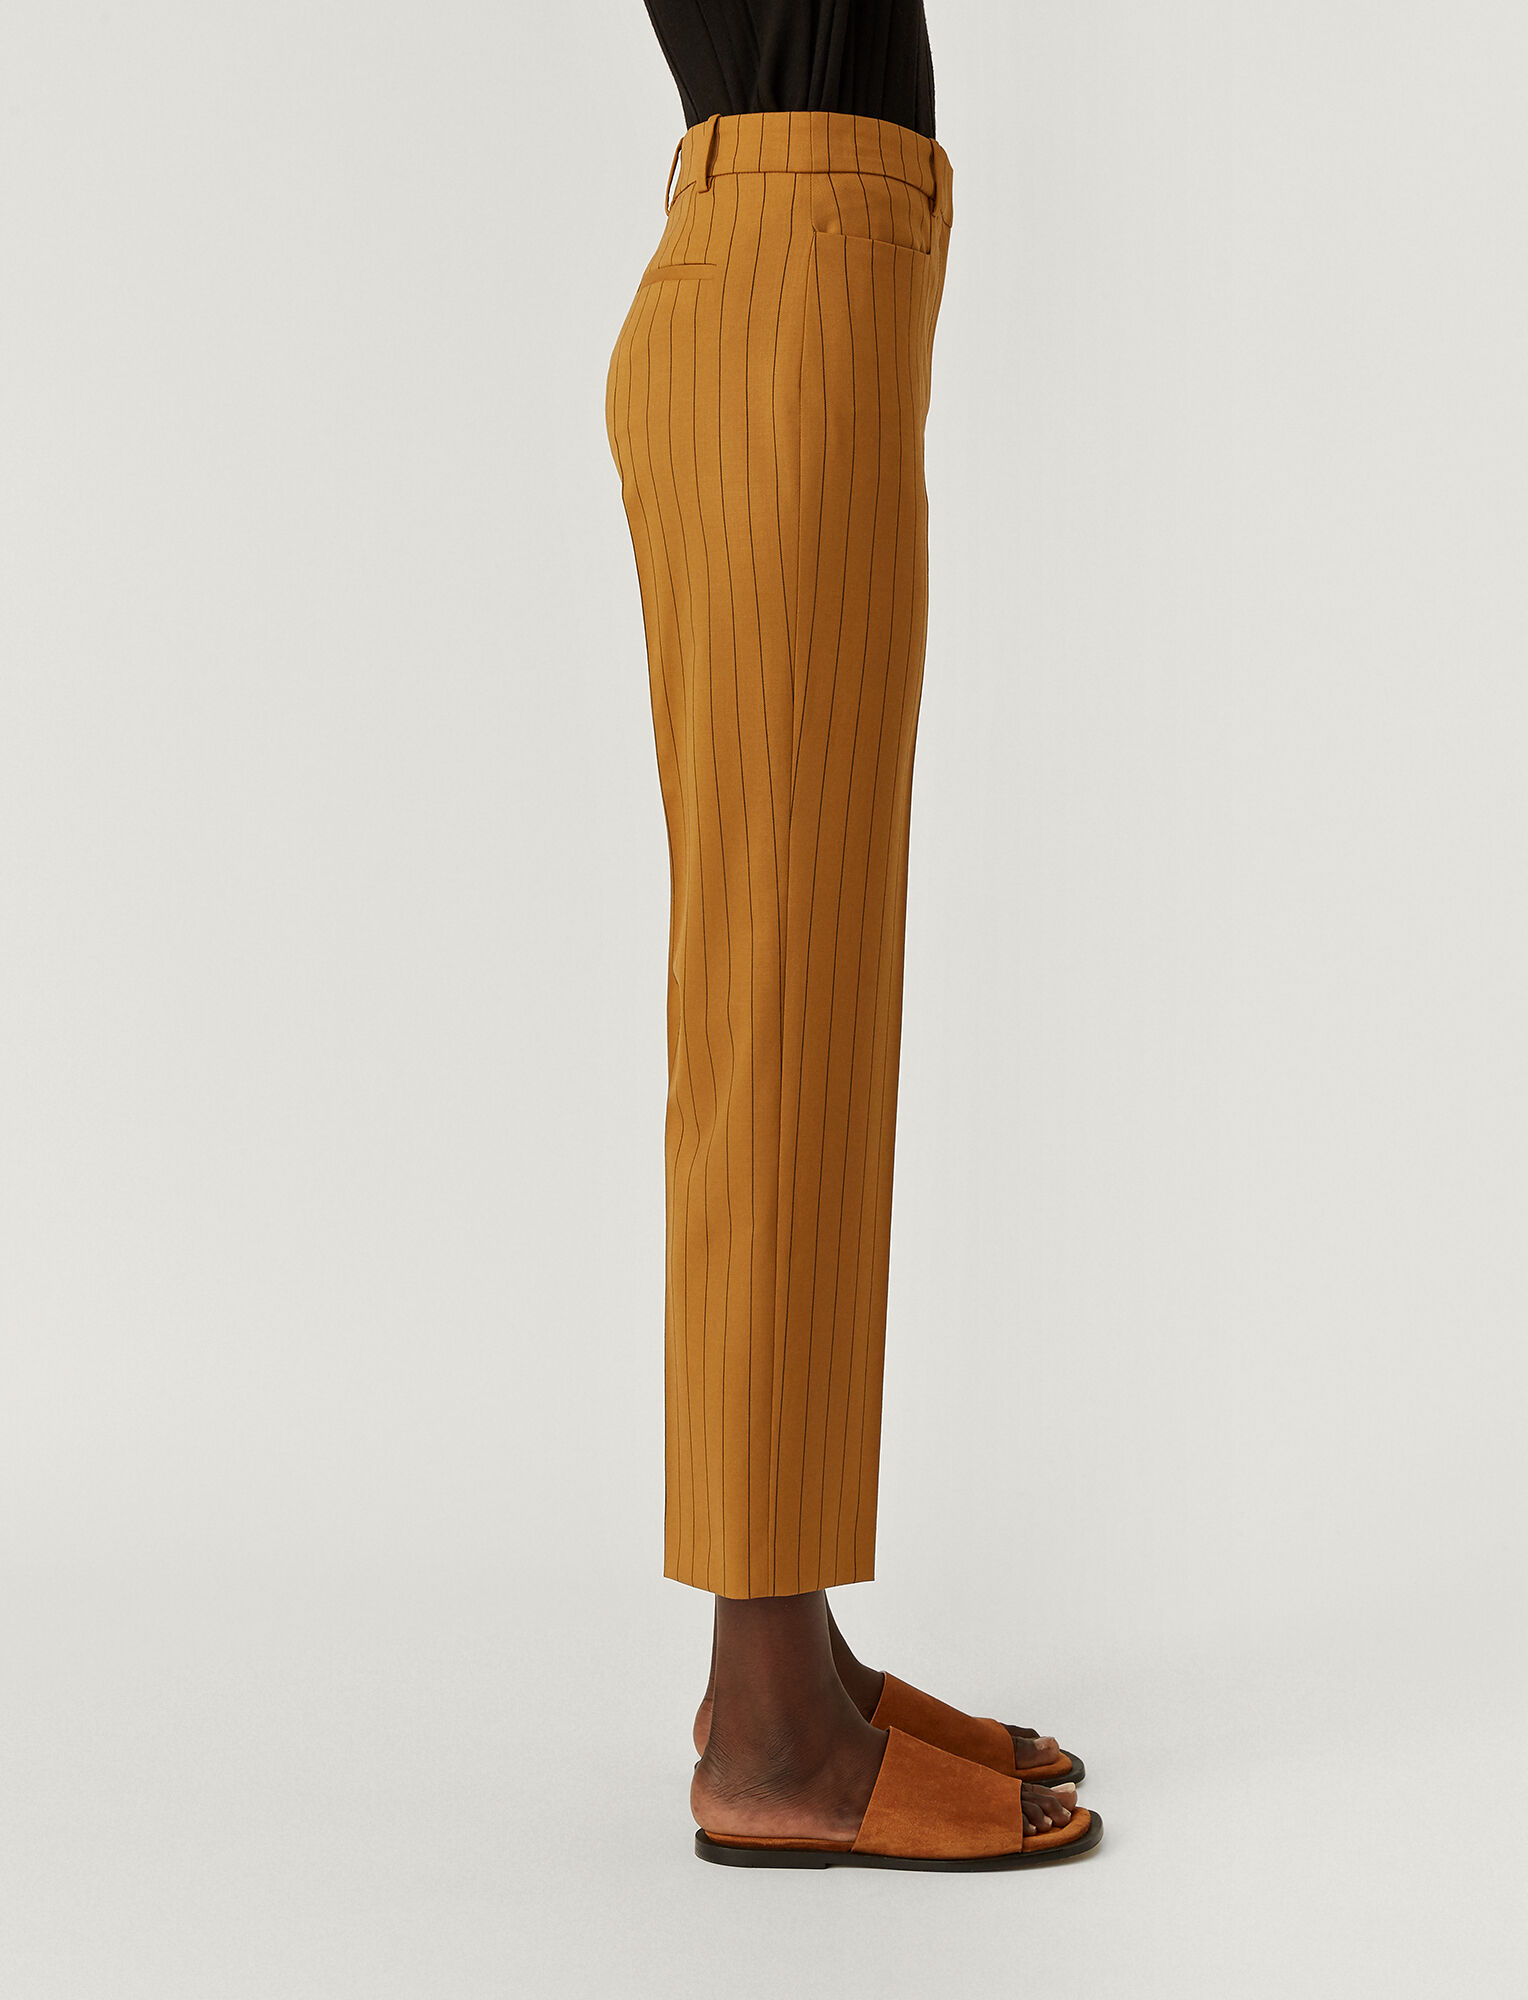 Joseph, Wool Spring Stripe Sloe Trousers, in OAK